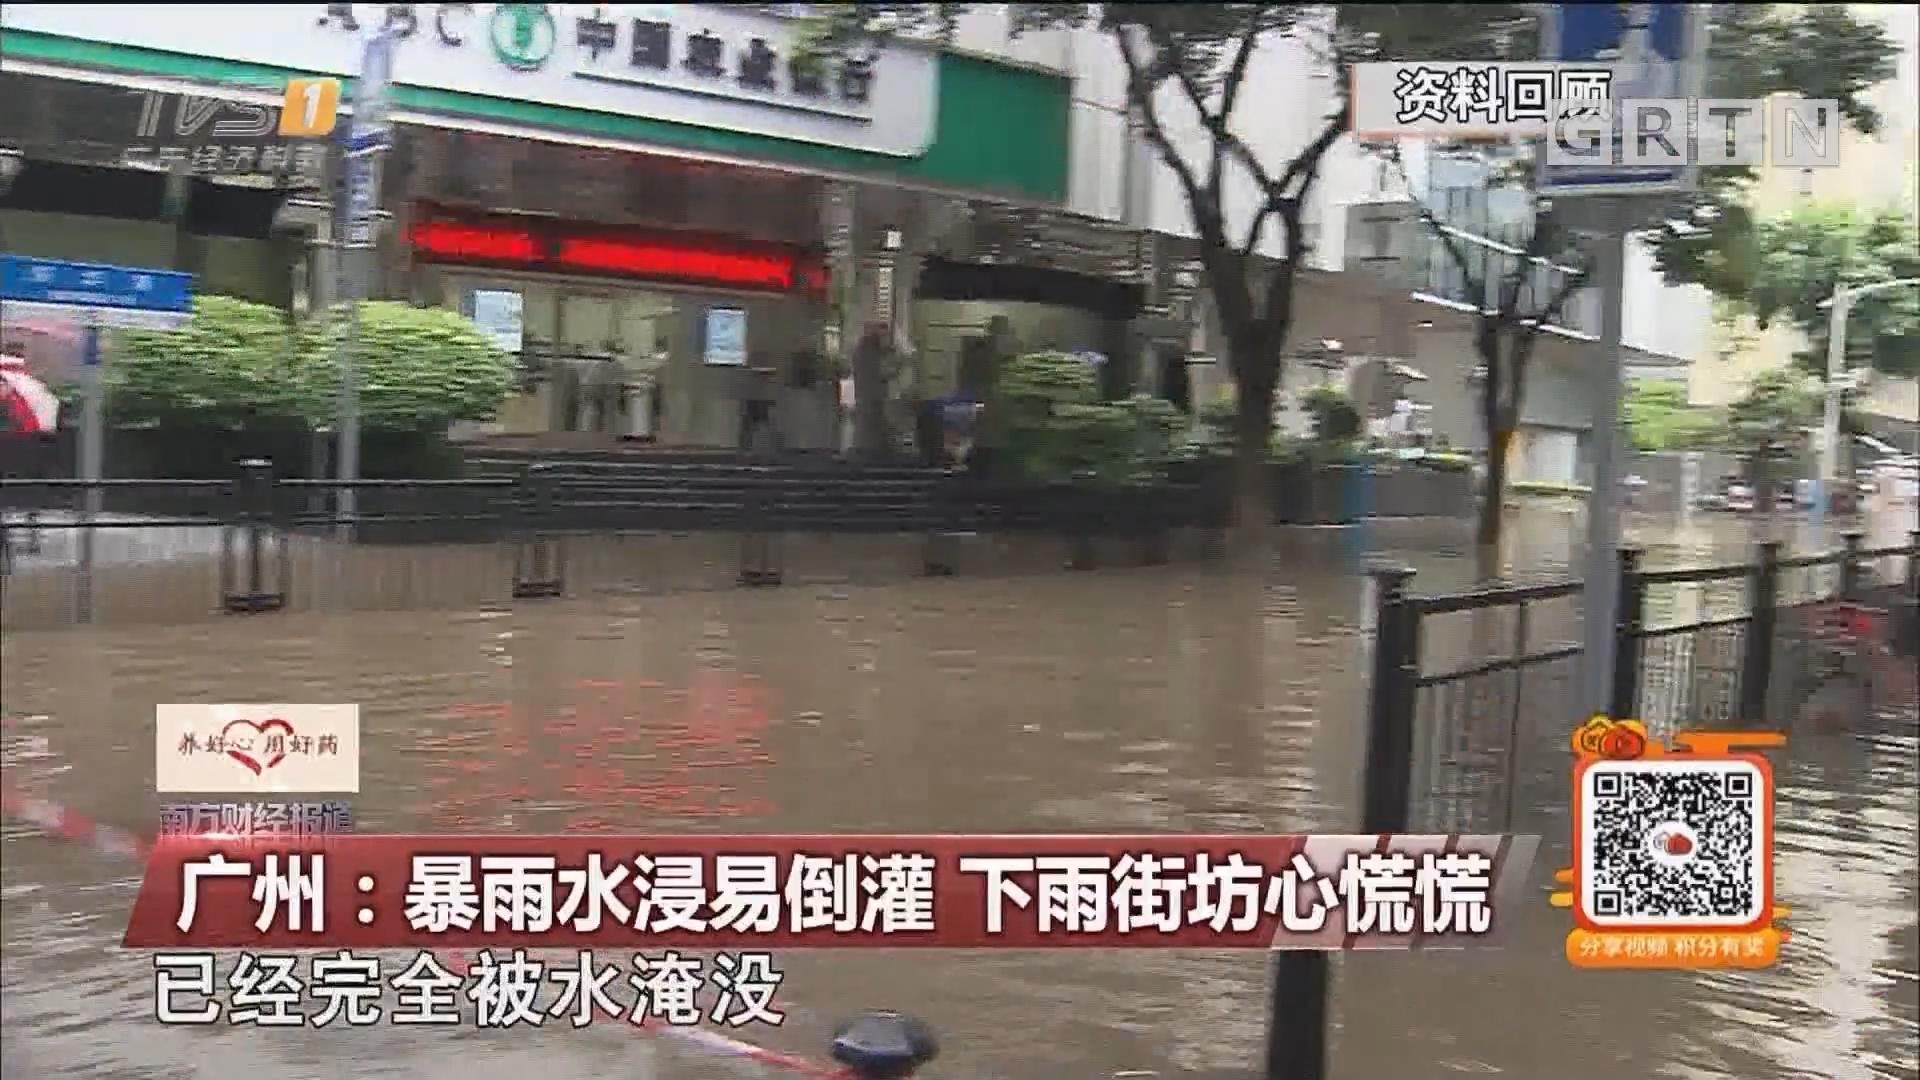 广州:暴雨水浸易倒灌 下雨街坊心慌慌